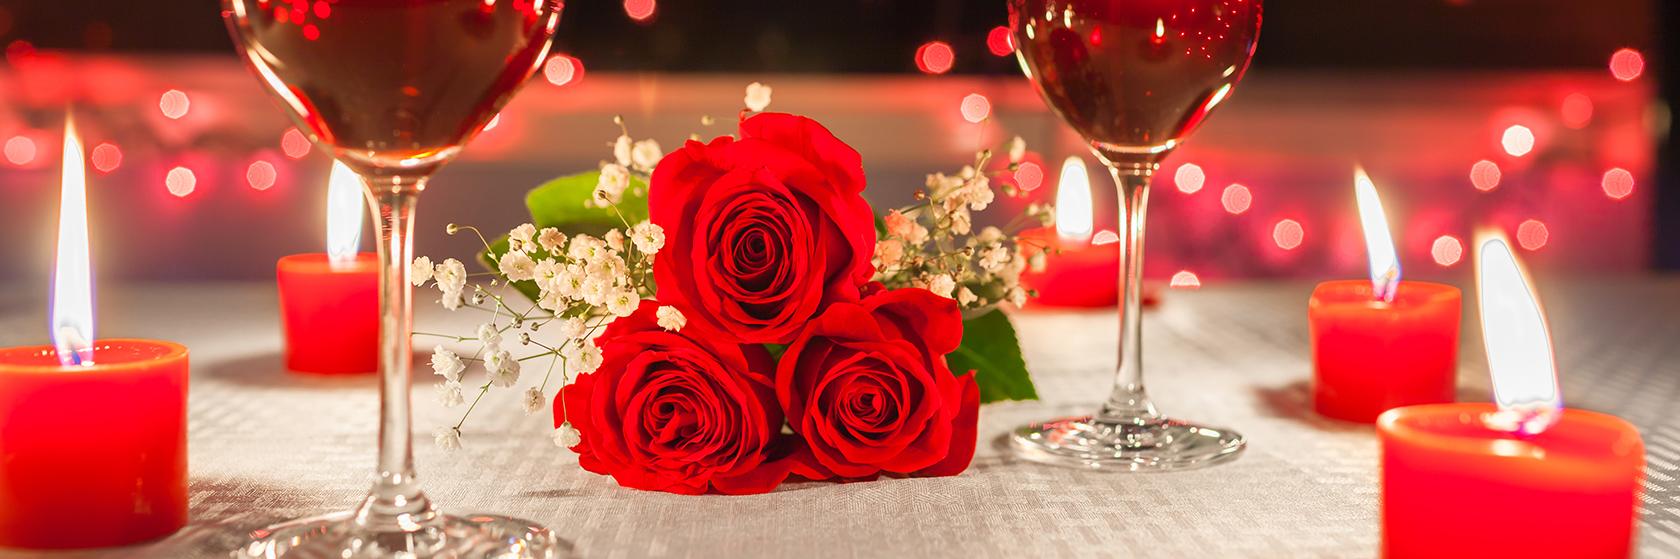 Image Result For Room Decoration Idea For Valentine Daya